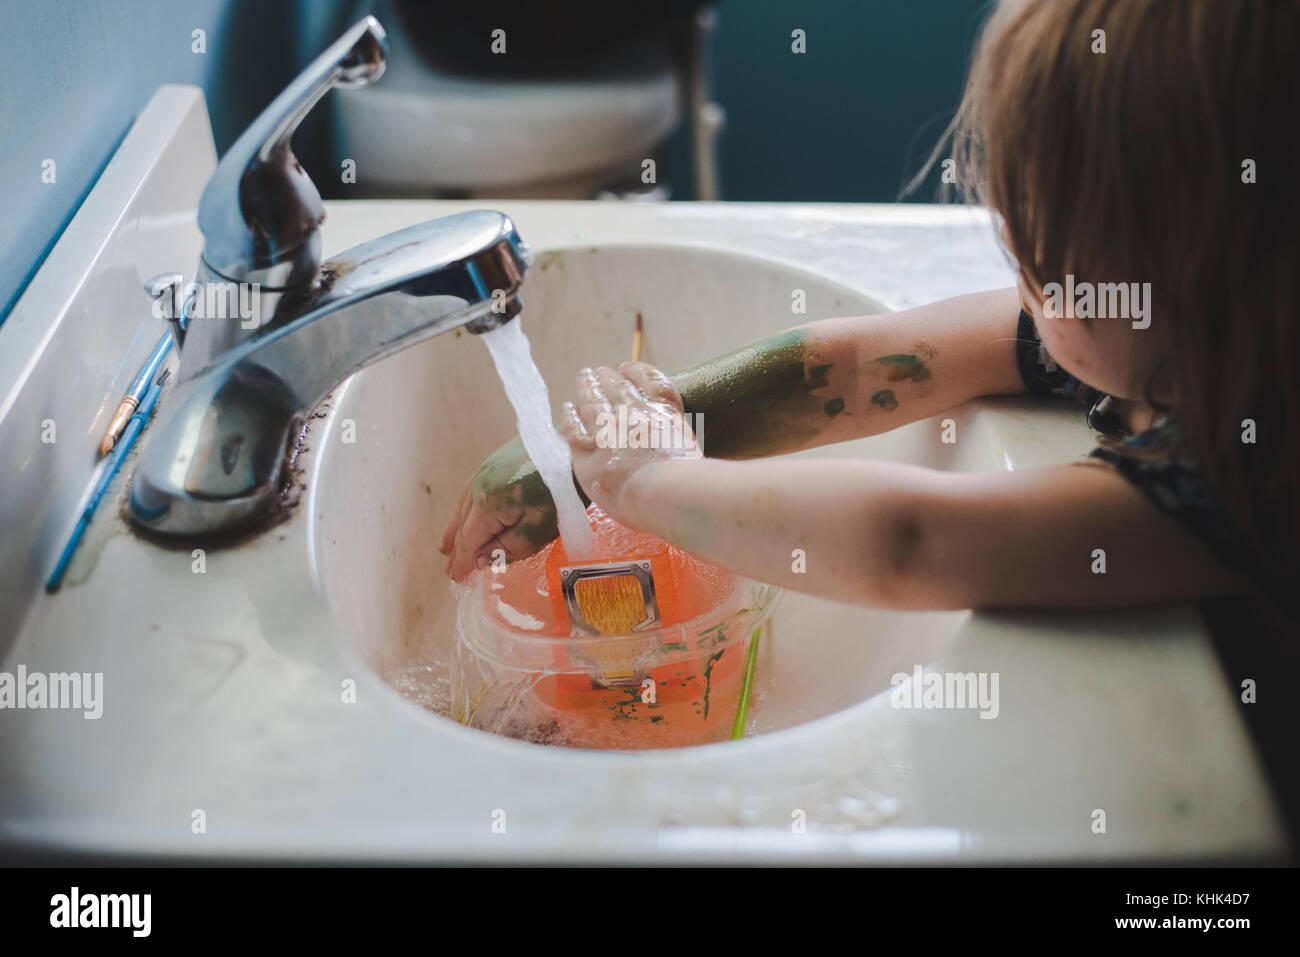 Un bébé fille lave la peinture sur ses mains dans un évier de salle de bains. Banque D'Images